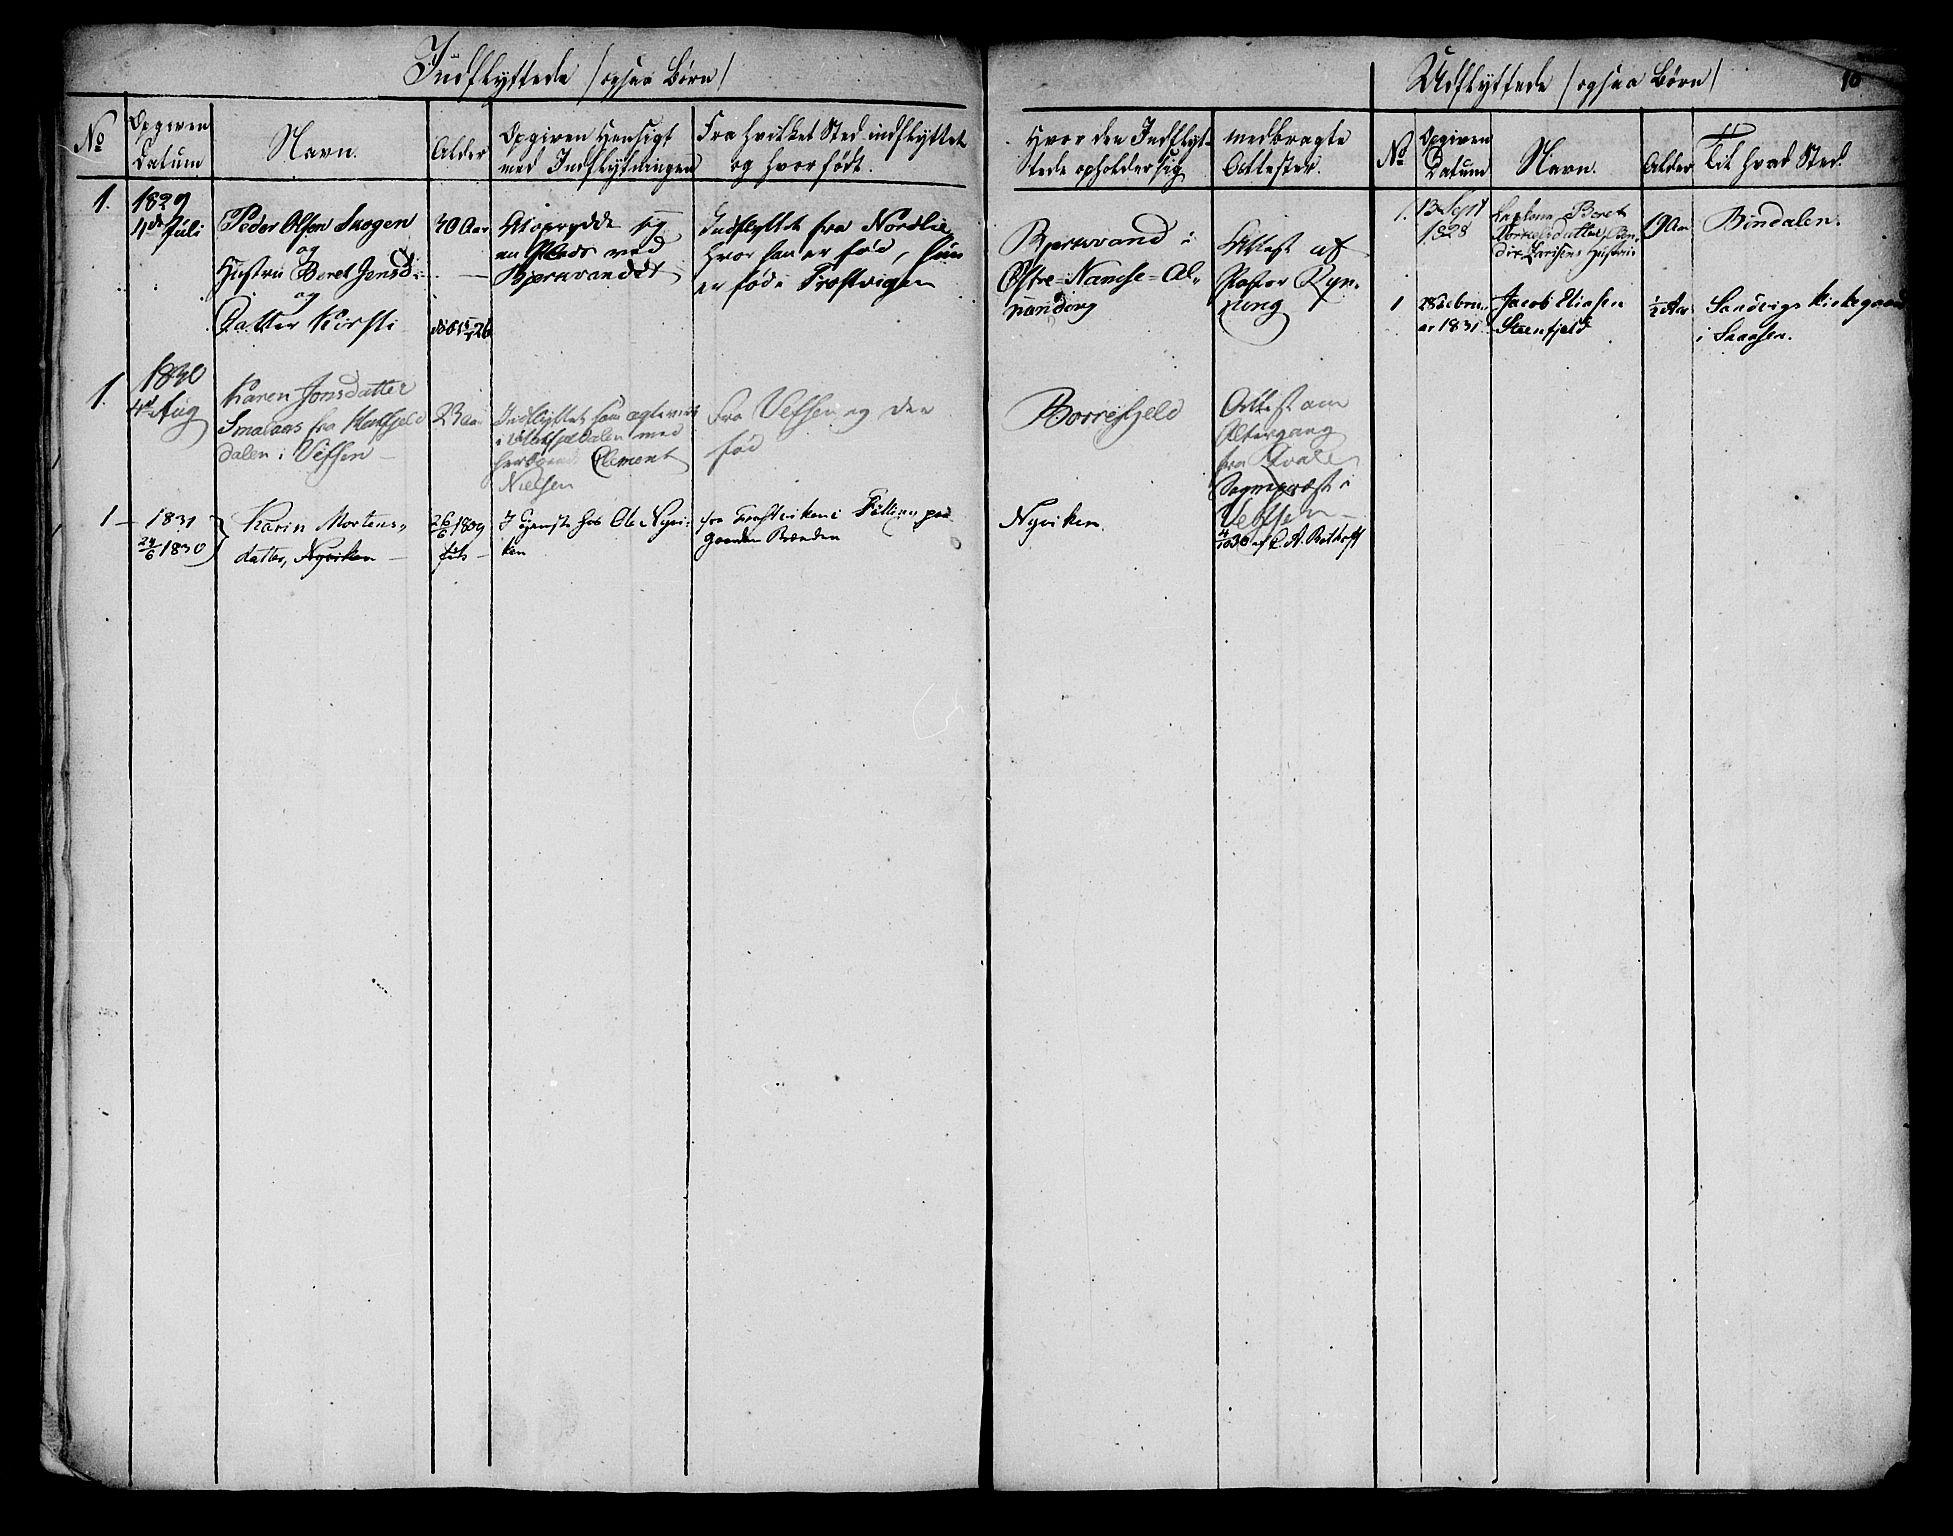 SAT, Ministerialprotokoller, klokkerbøker og fødselsregistre - Nord-Trøndelag, 762/L0536: Ministerialbok nr. 762A01 /1, 1828-1832, s. 10